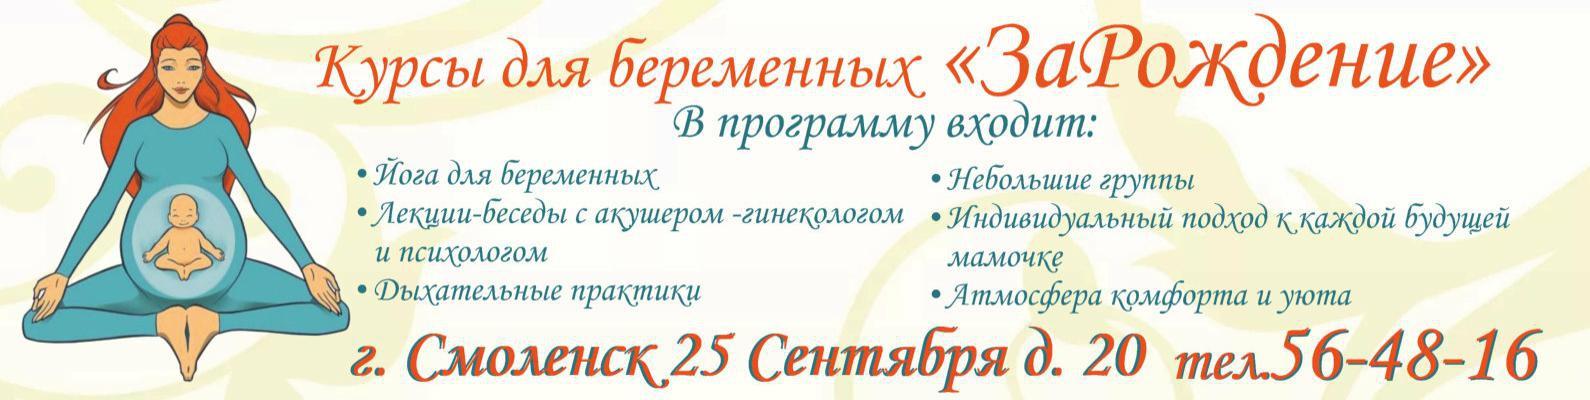 Настя каменских беременна 2014 фото 20